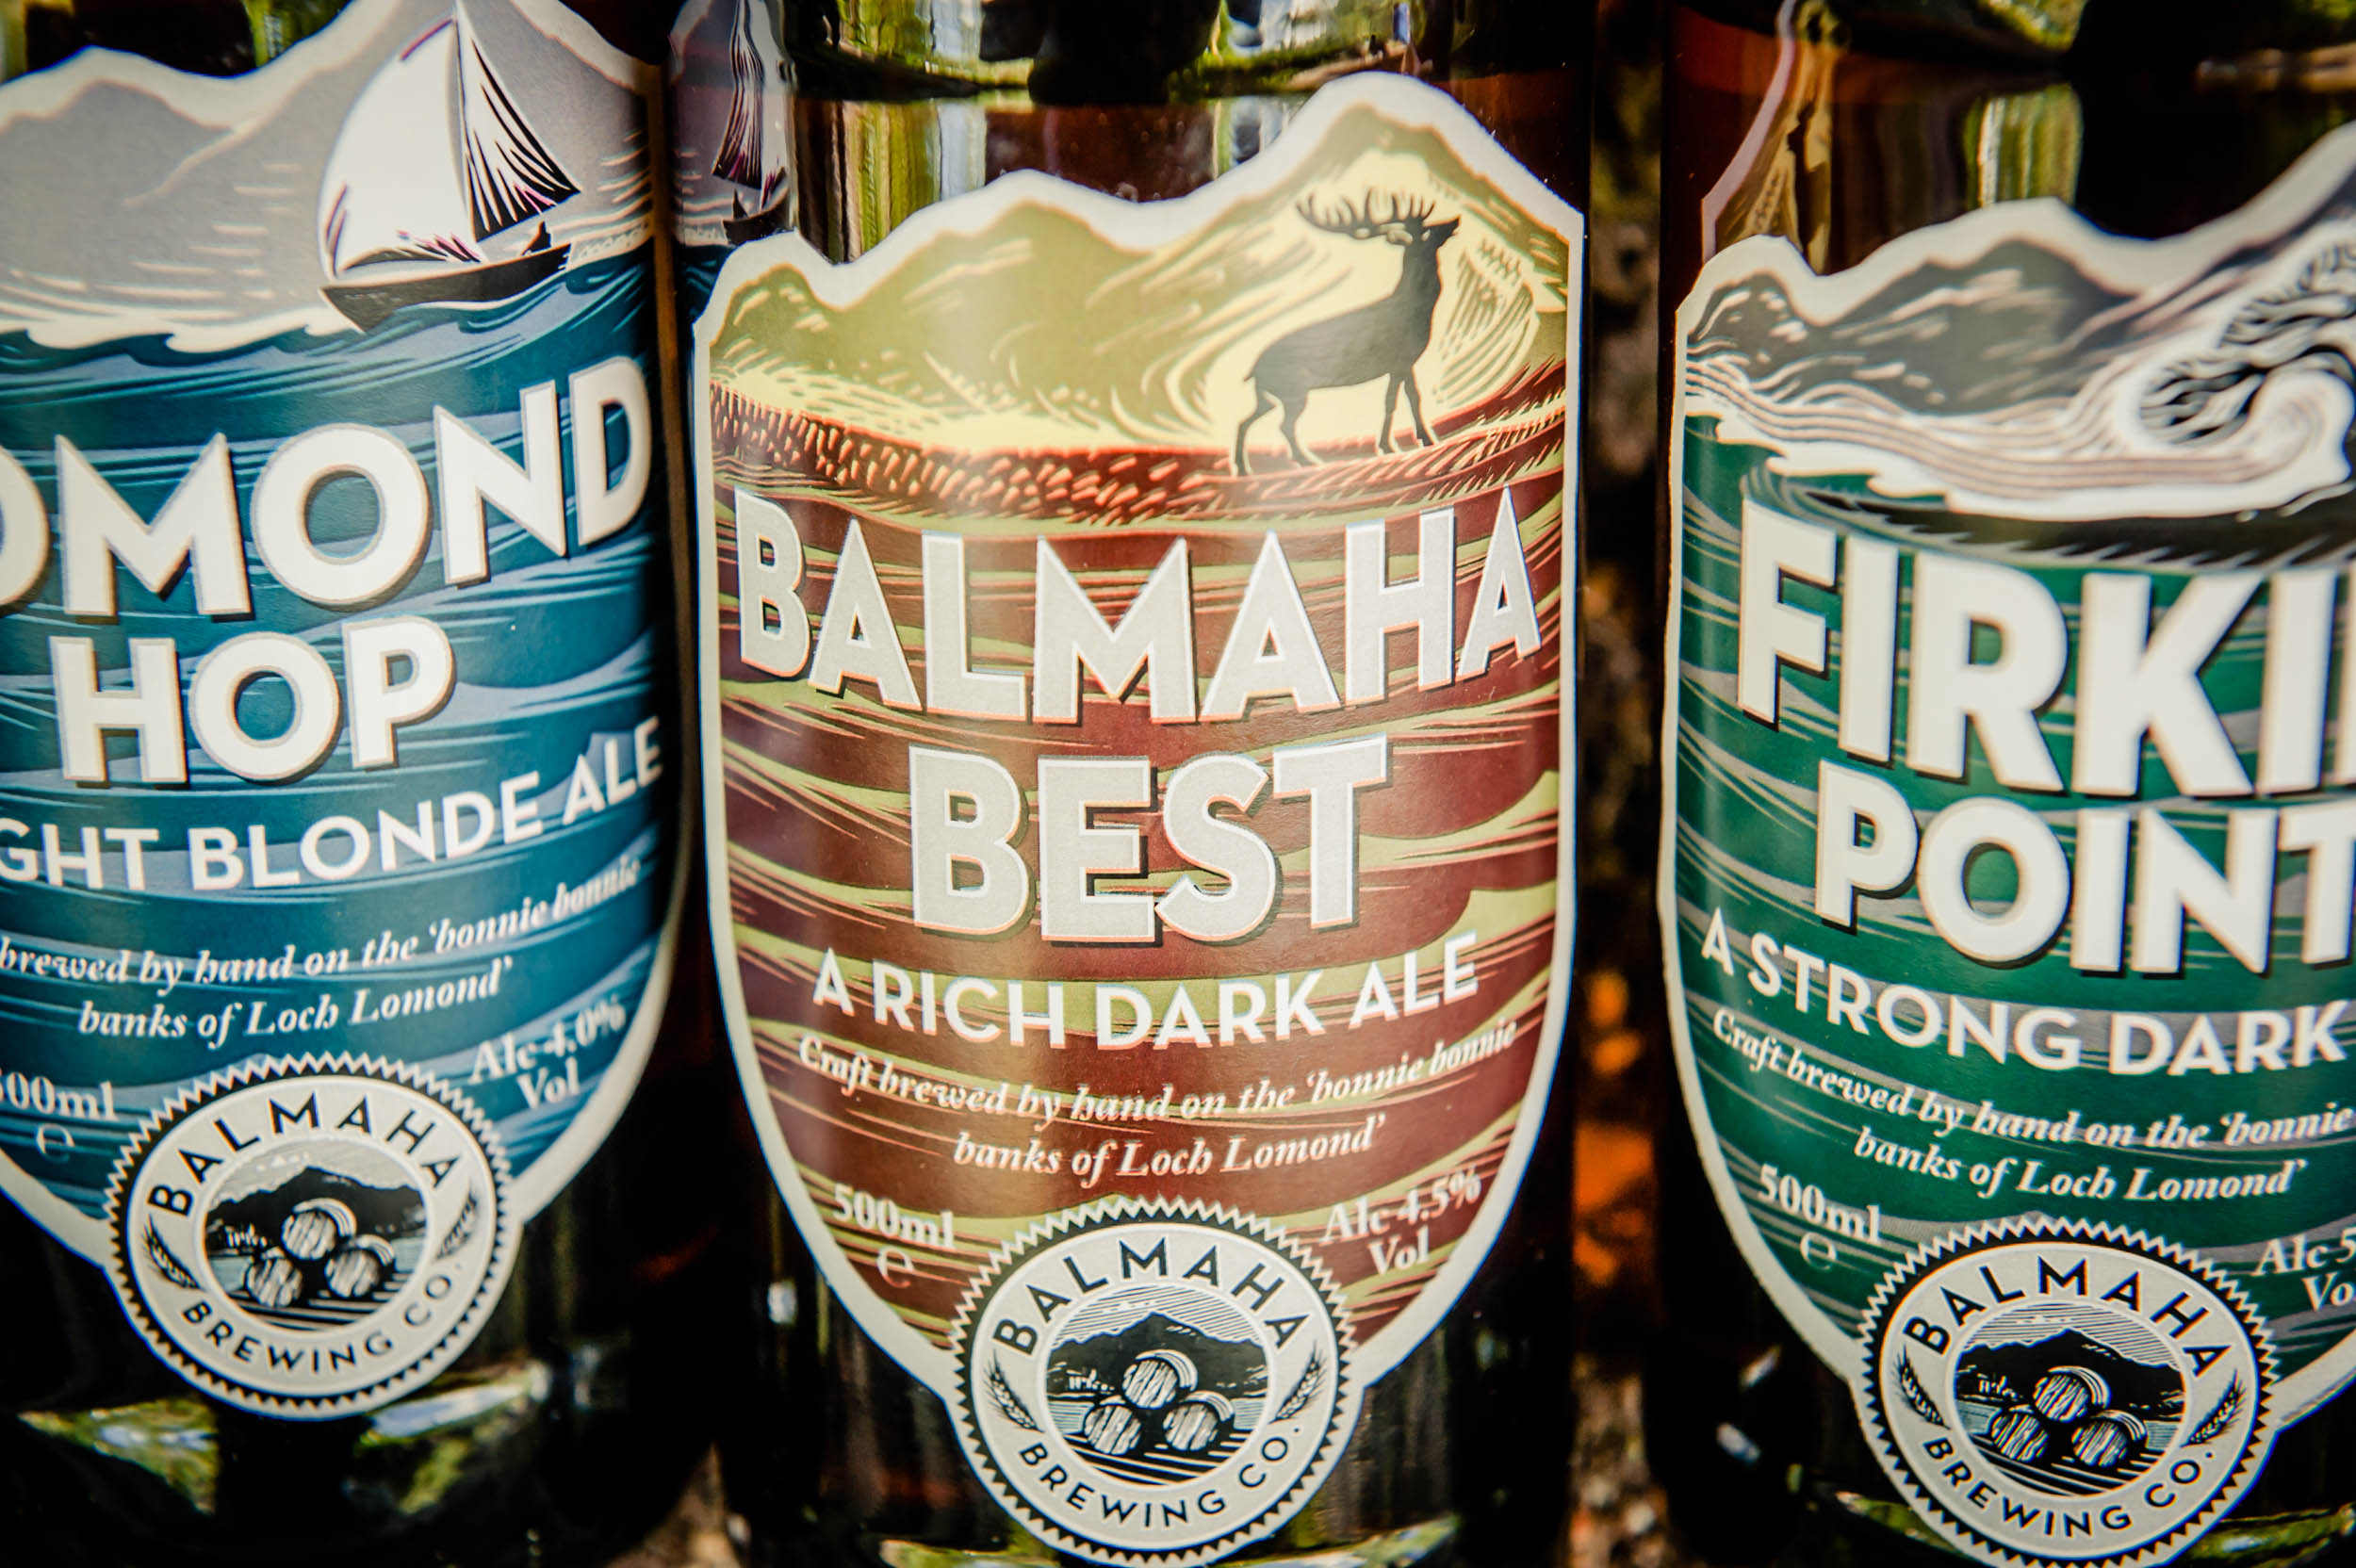 Balmaha Brewing Co.